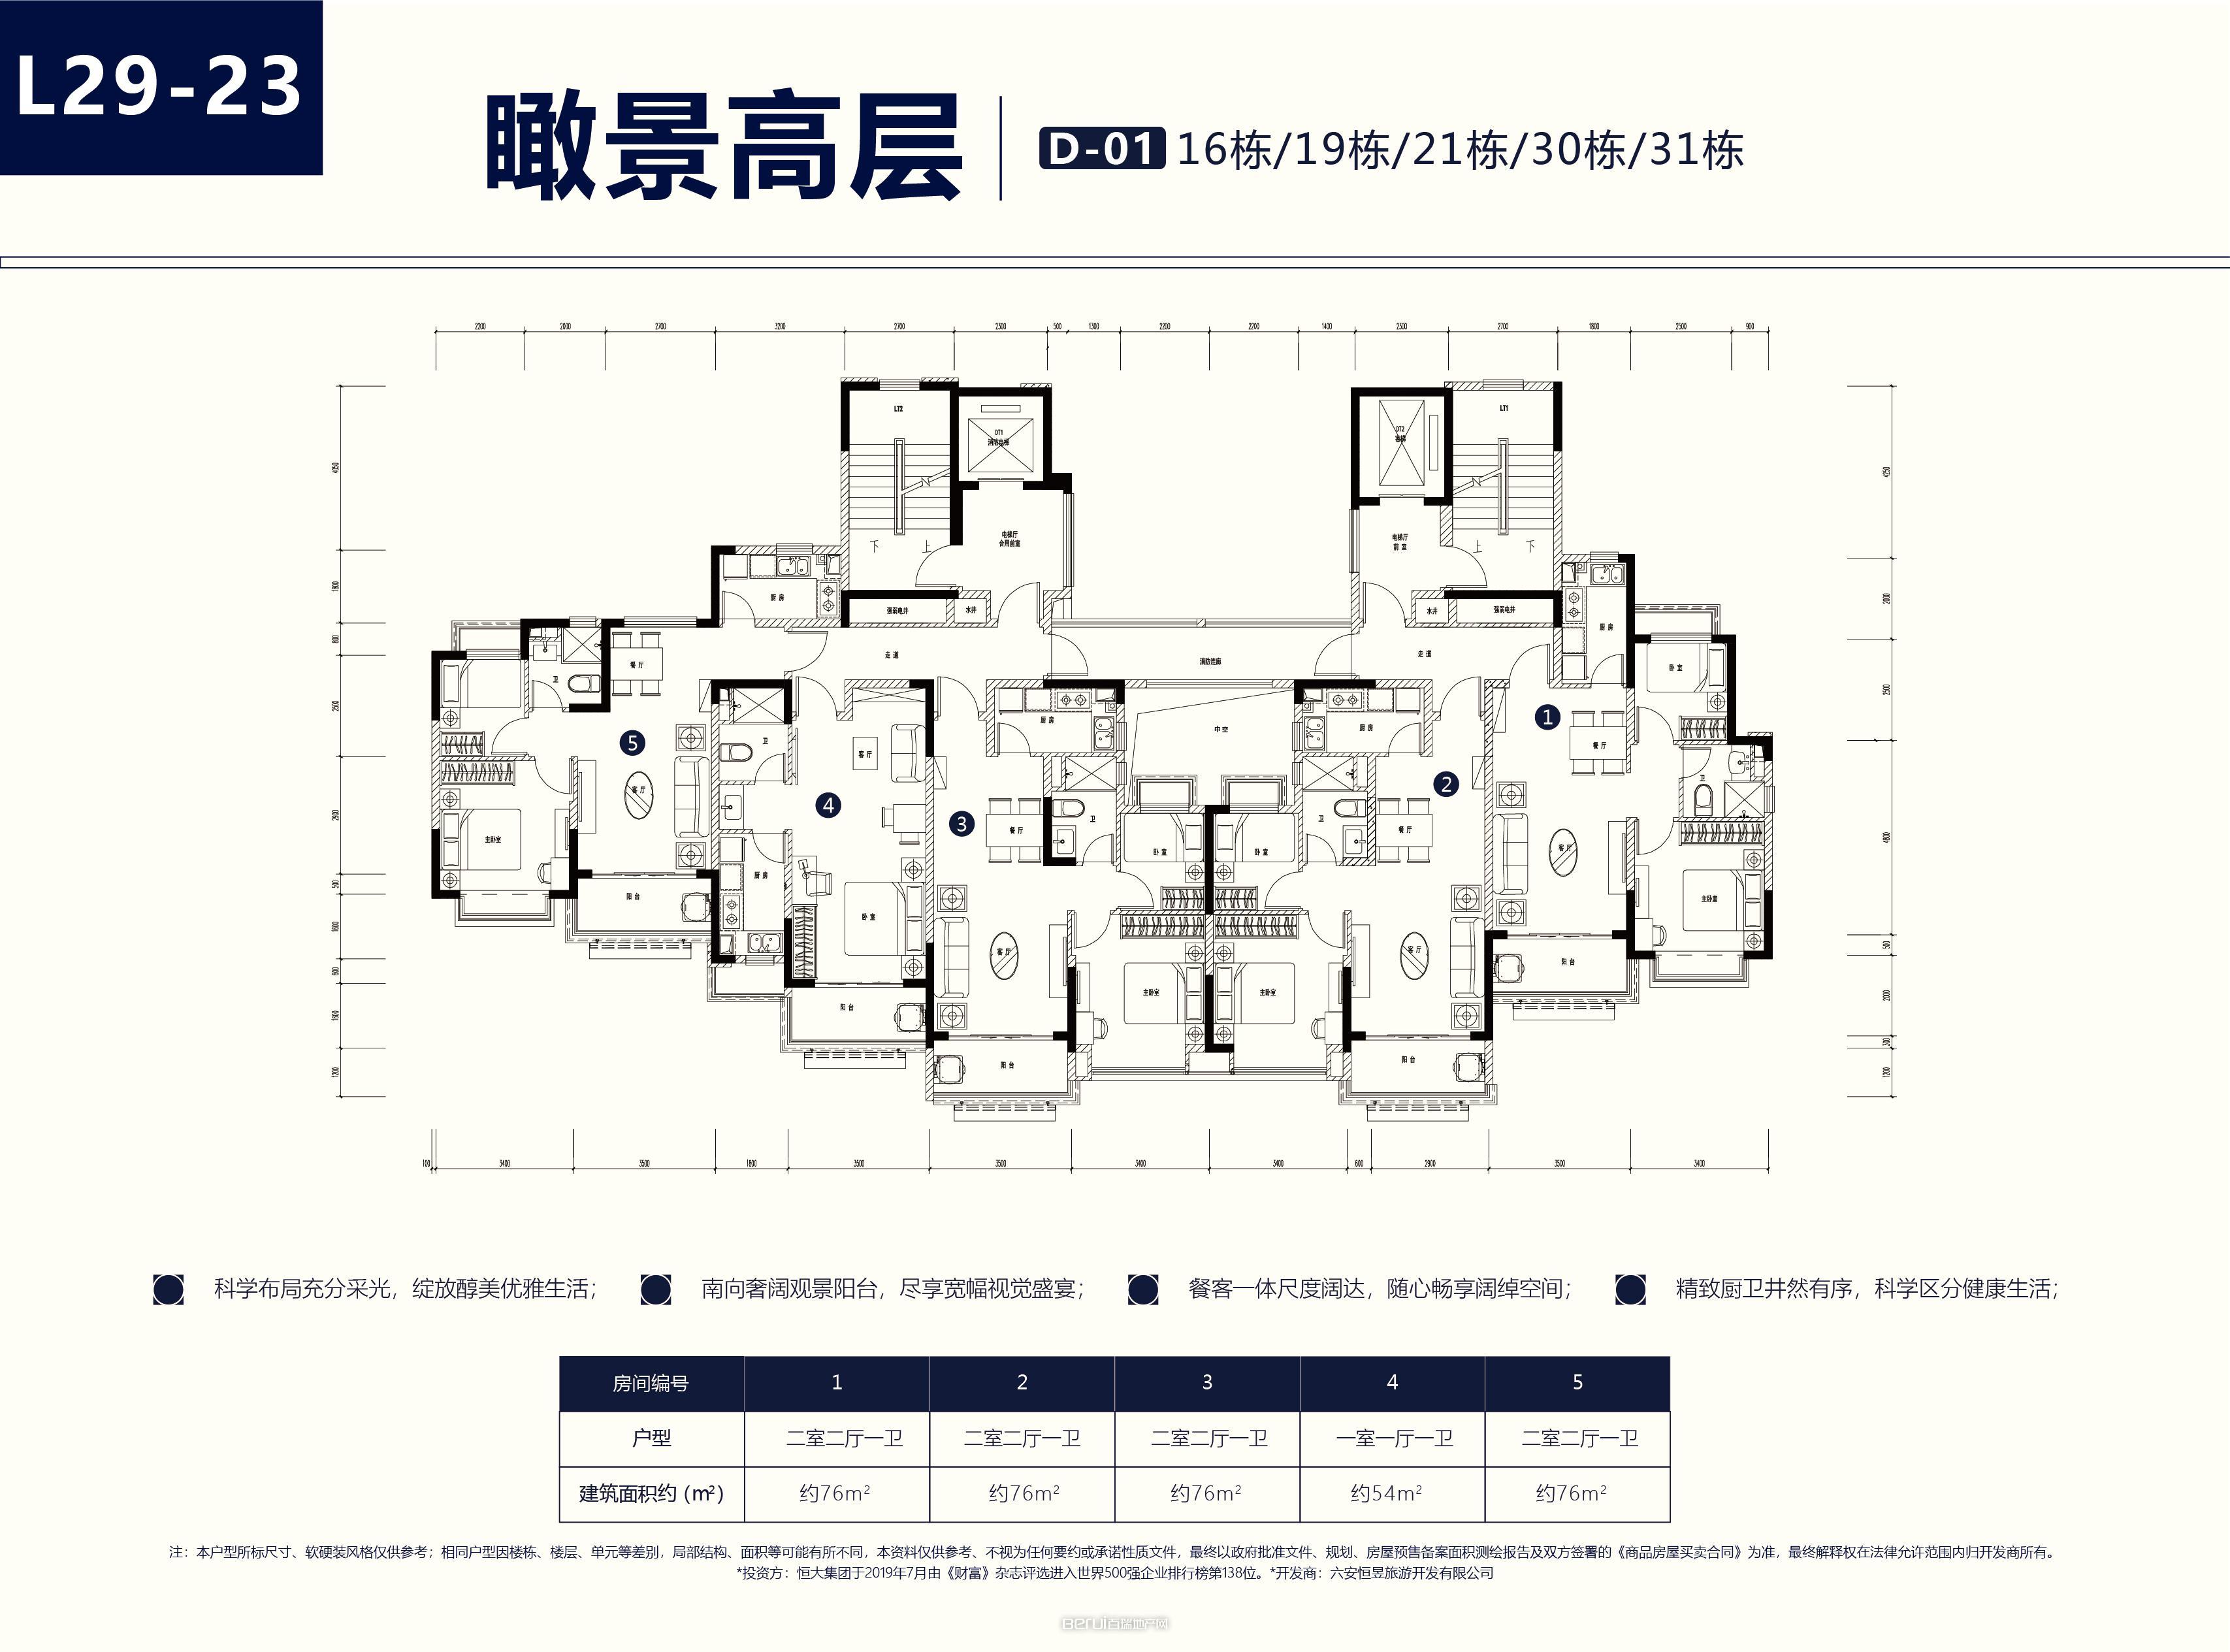 新滨湖恒大文化旅游城户型图